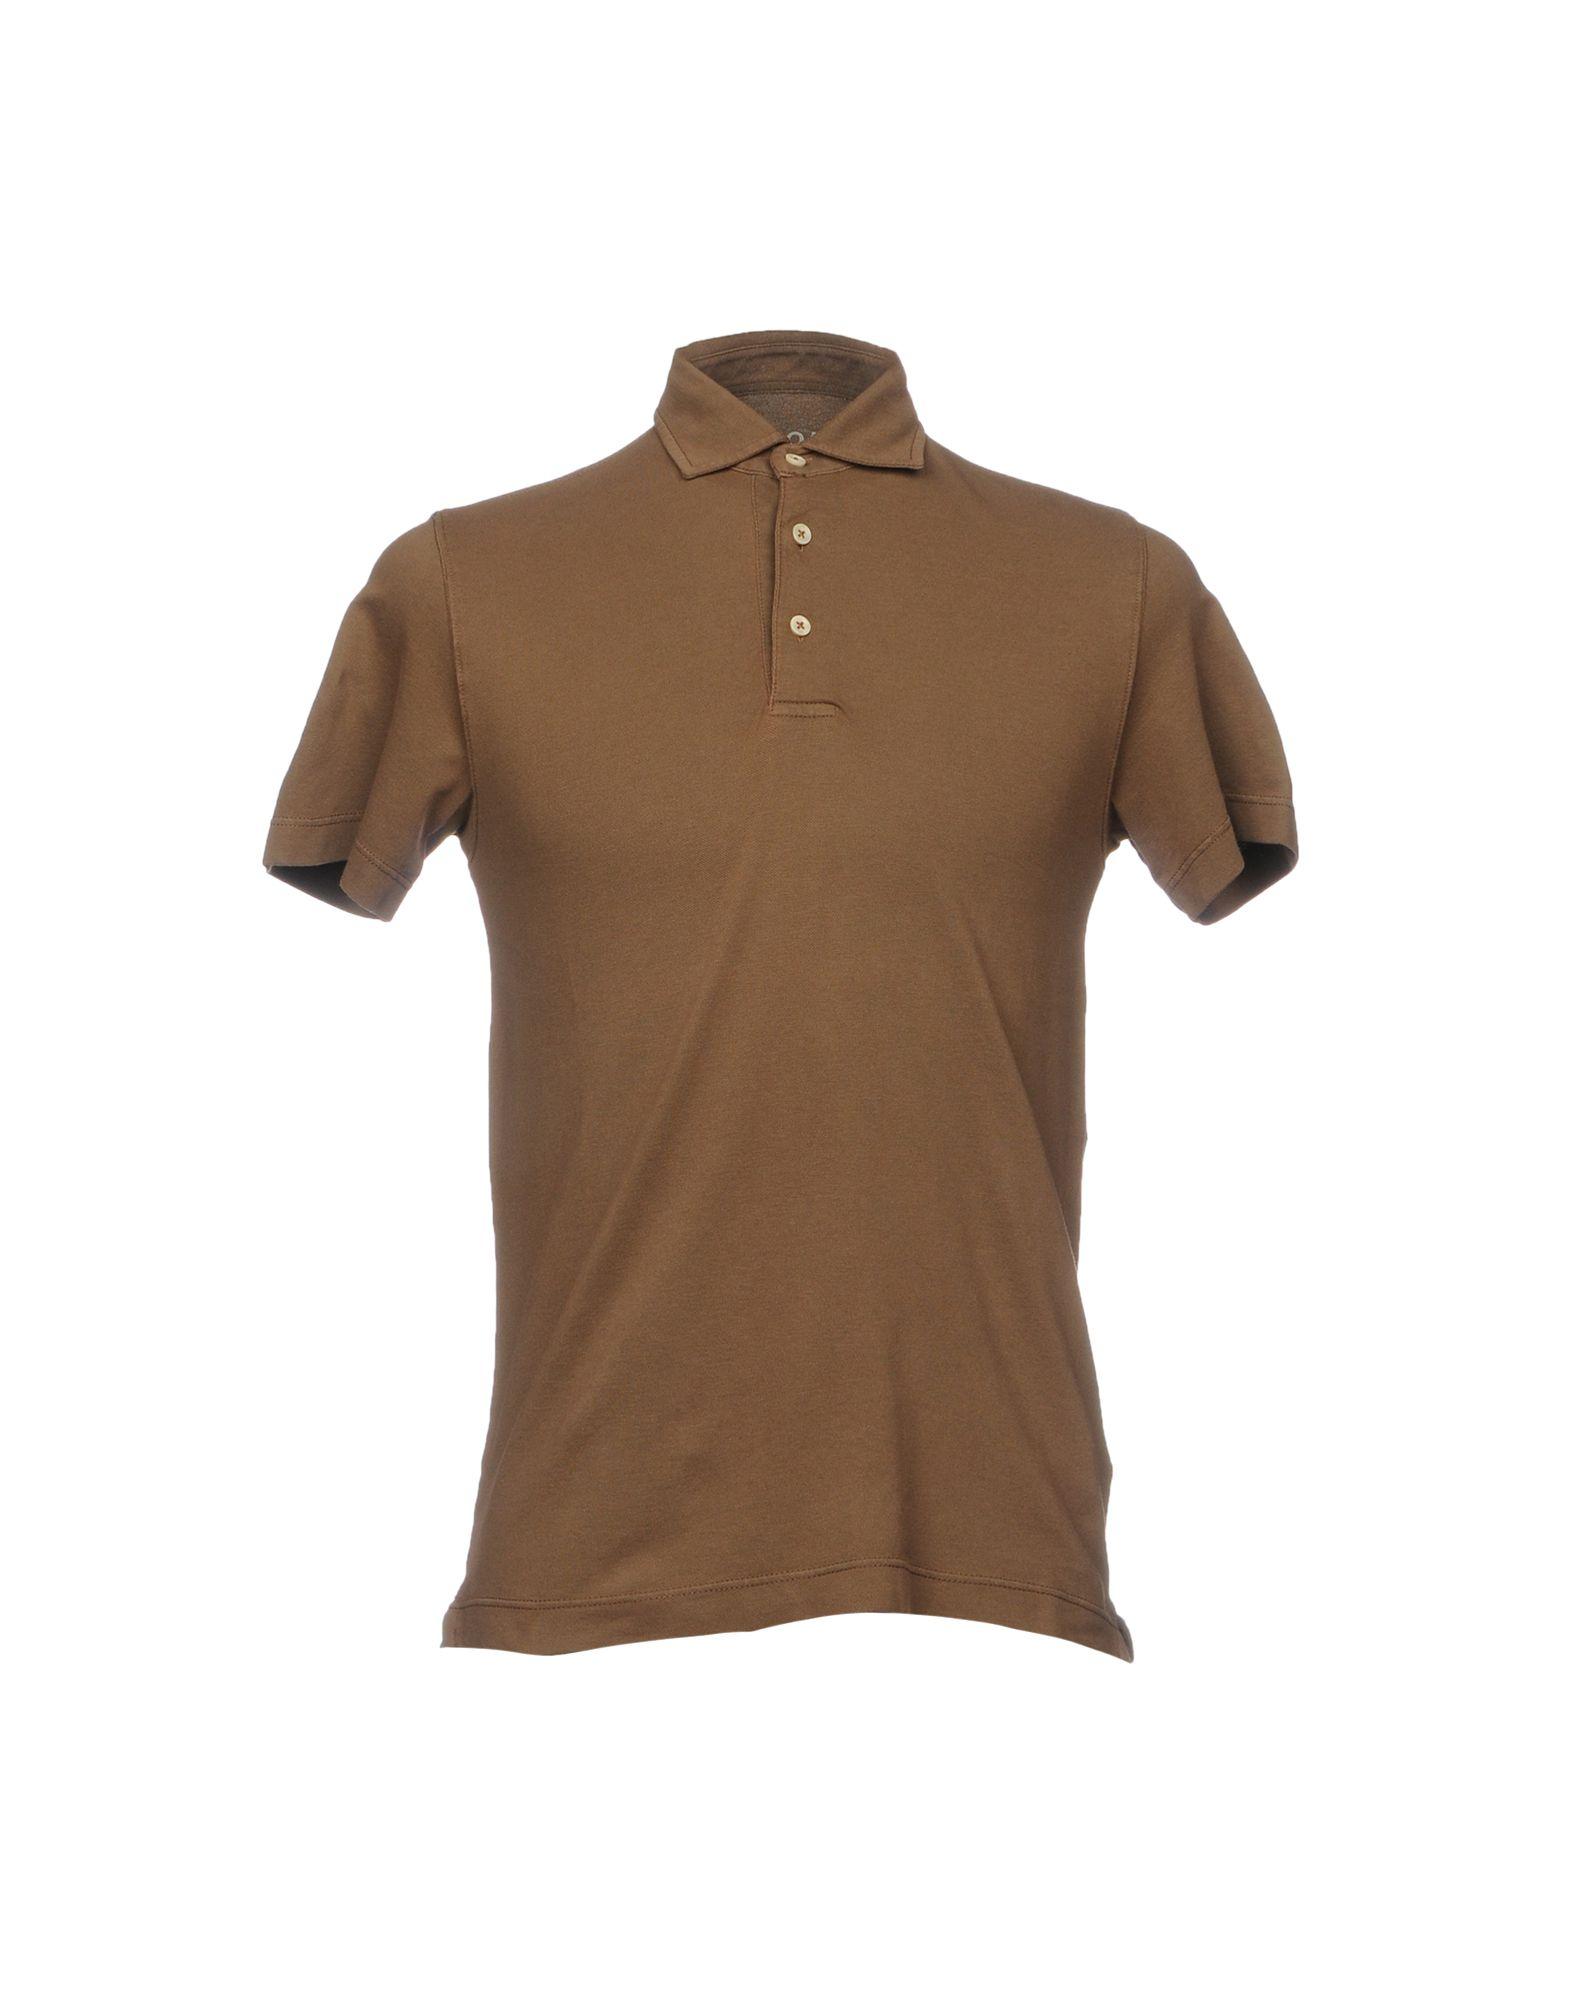 4121283842dc Circolo 1901 Polo Shirts for Men - Circolo 1901 T-Shirts And Tops   YOOX